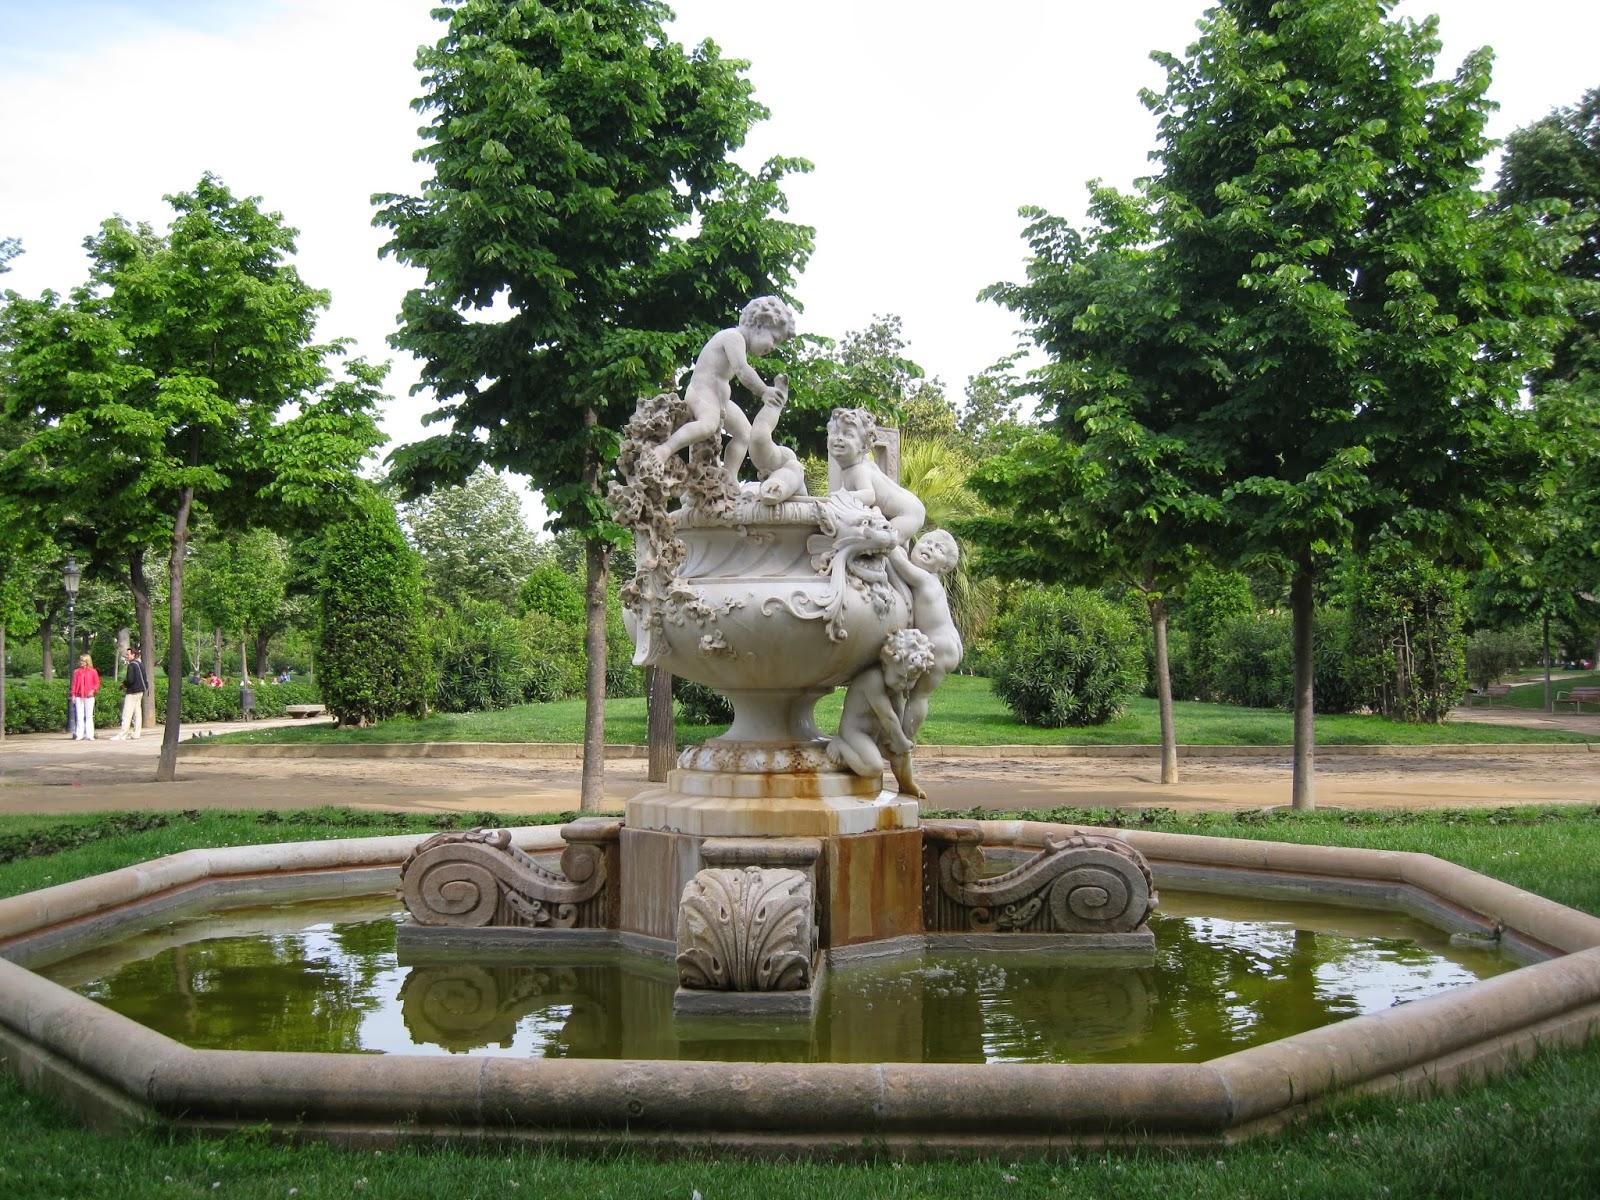 Pakoesculturas parque de la ciudadela escultura fuente for Parques ninos barcelona